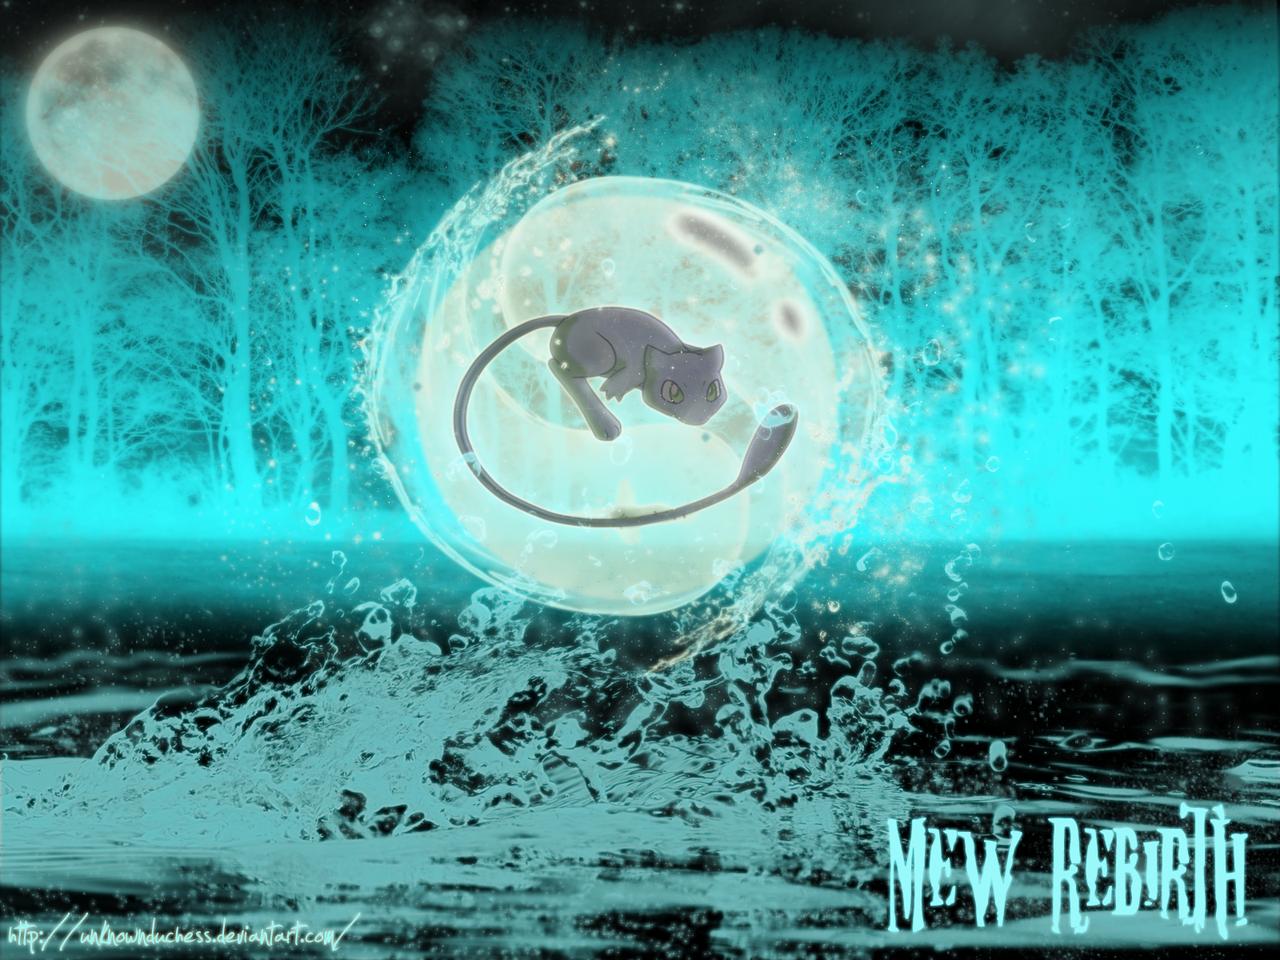 media 2011 2015 unknownduchess mew wallpaper called mew rebirth feel 1280x960